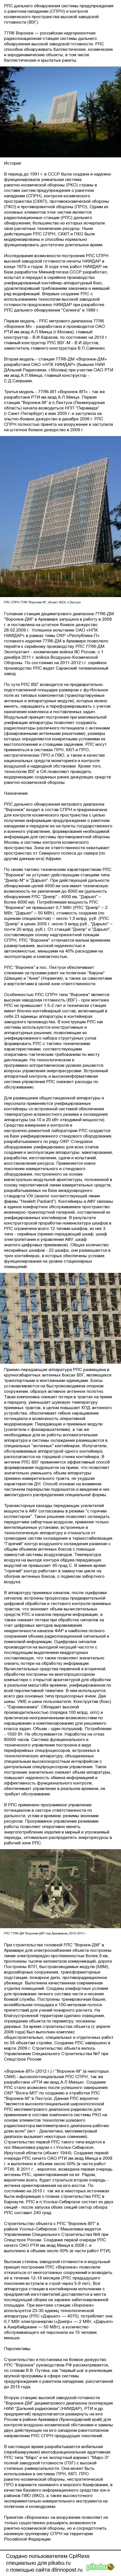 РЛС нового поколения Воронеж. армия, оборона, РЛС, длиннопост